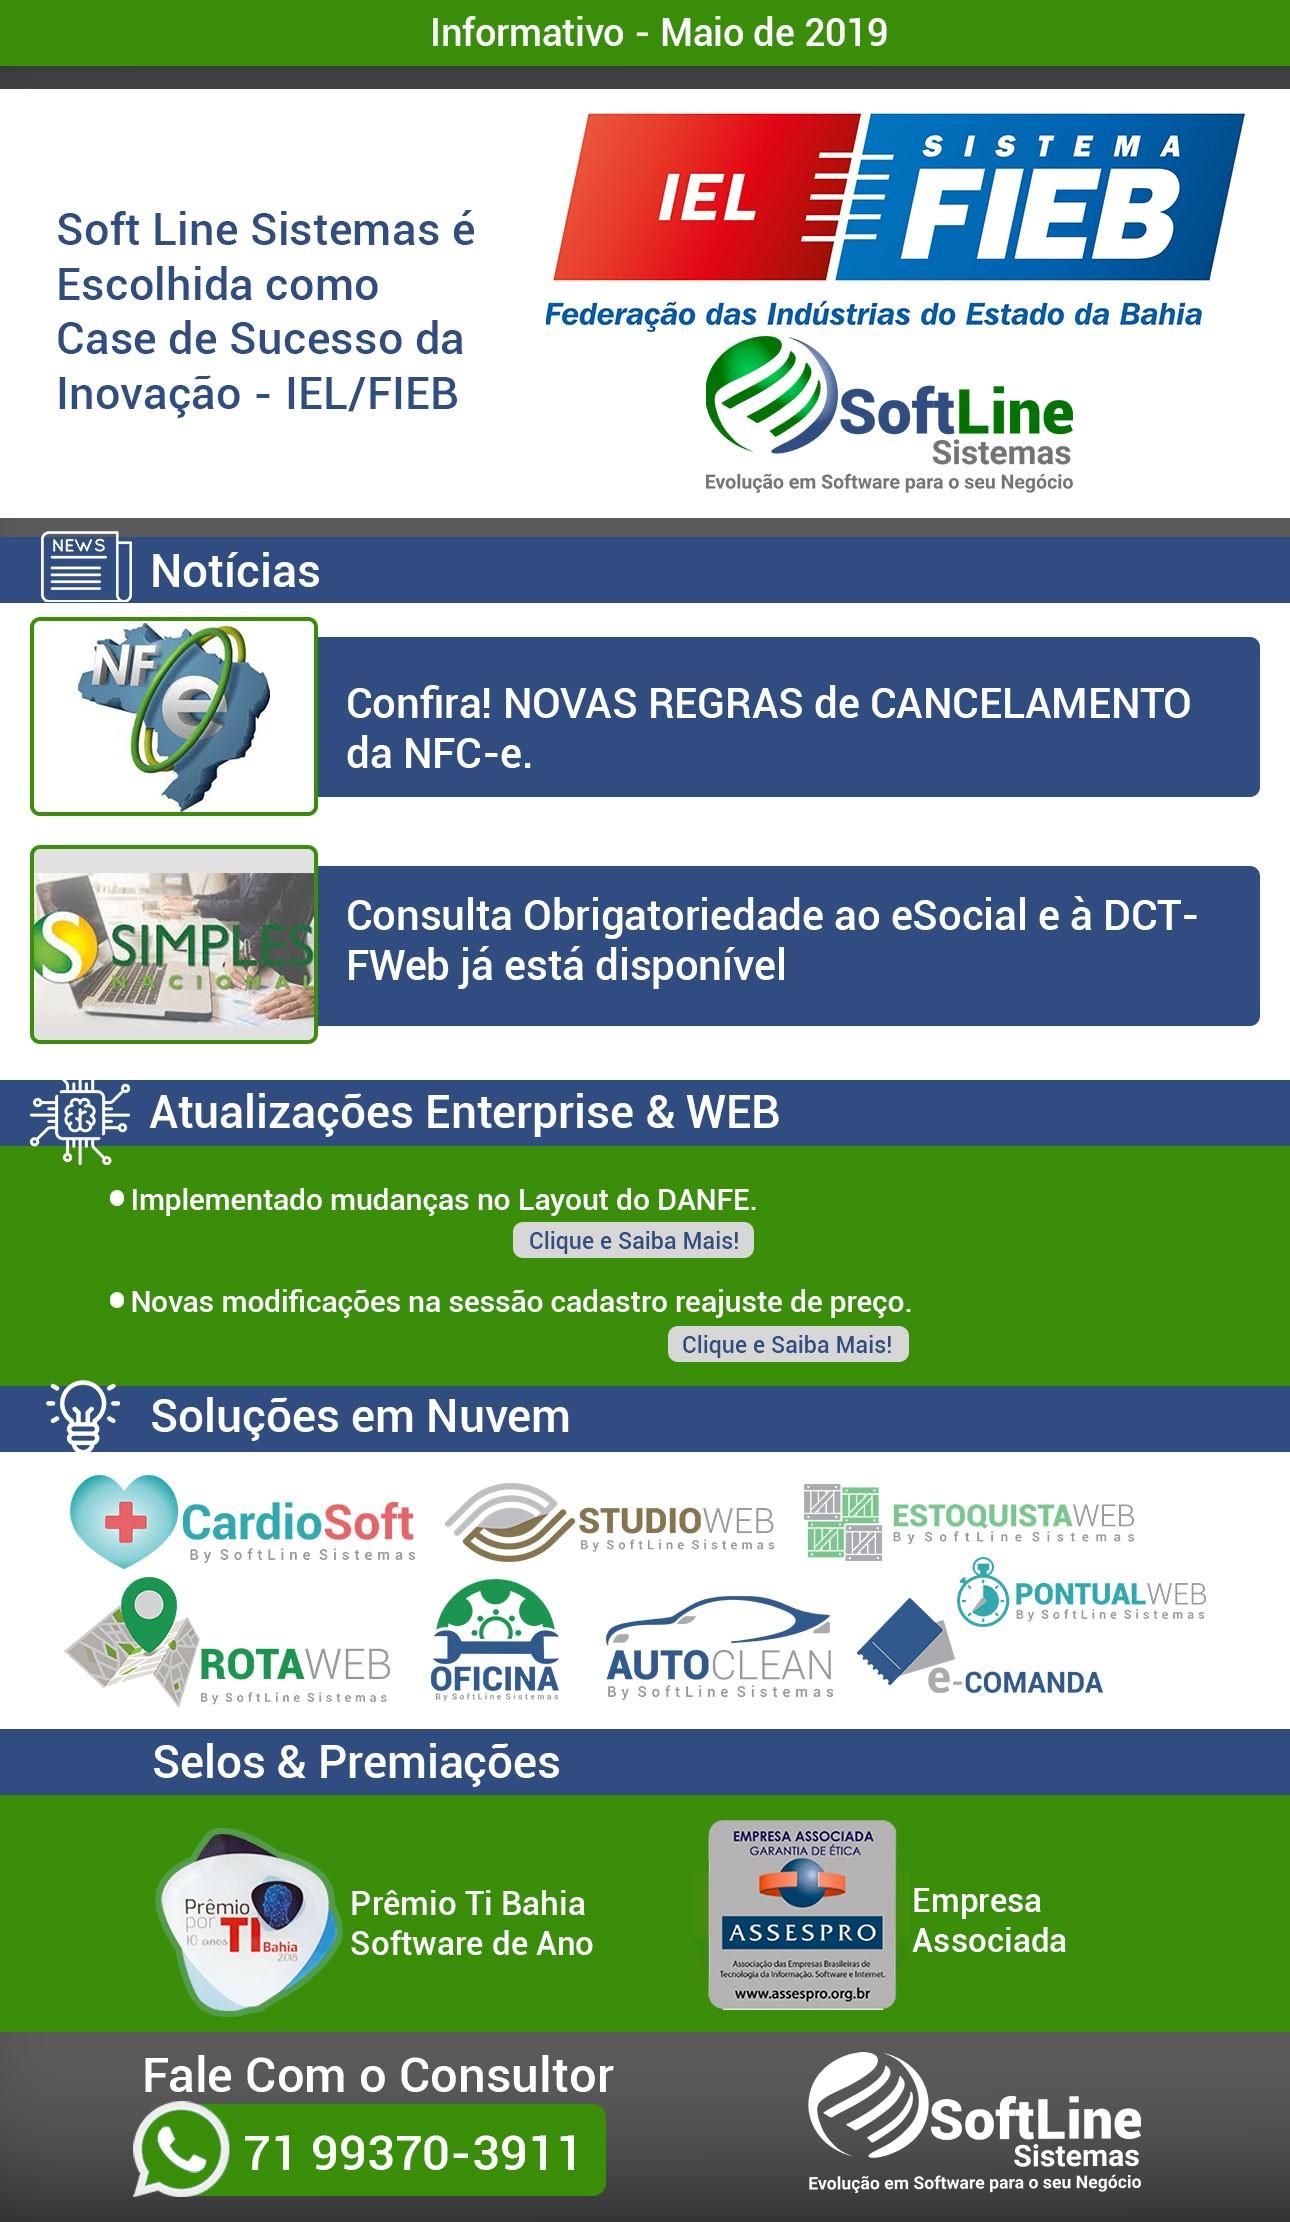 Informativo-05_2019-Recuperado